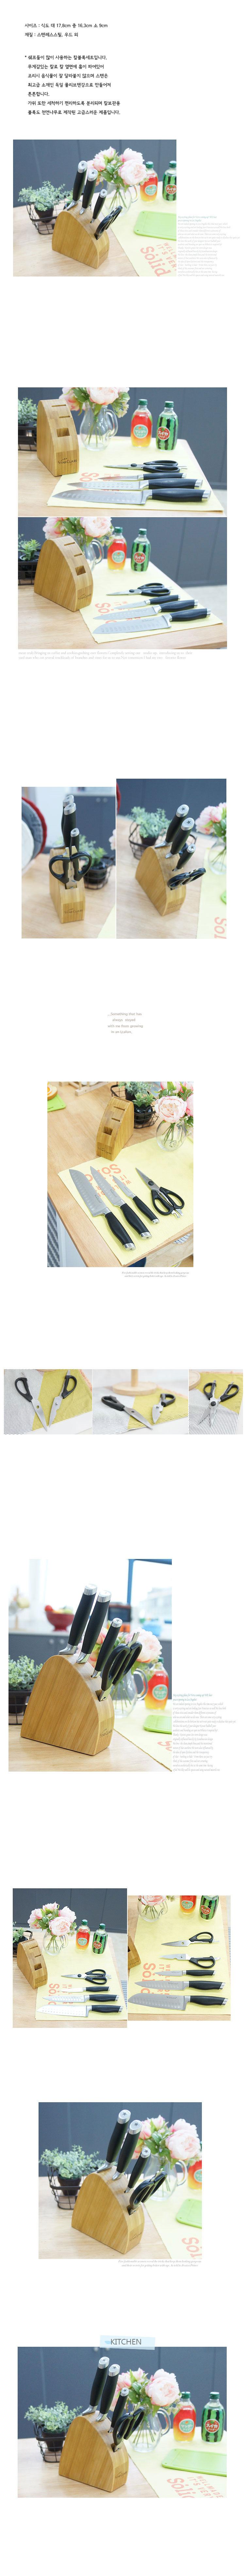 스타클래스 칼블록 5P세트 - 안나하우스, 230,000원, 칼/커팅기구, 칼 꽂이